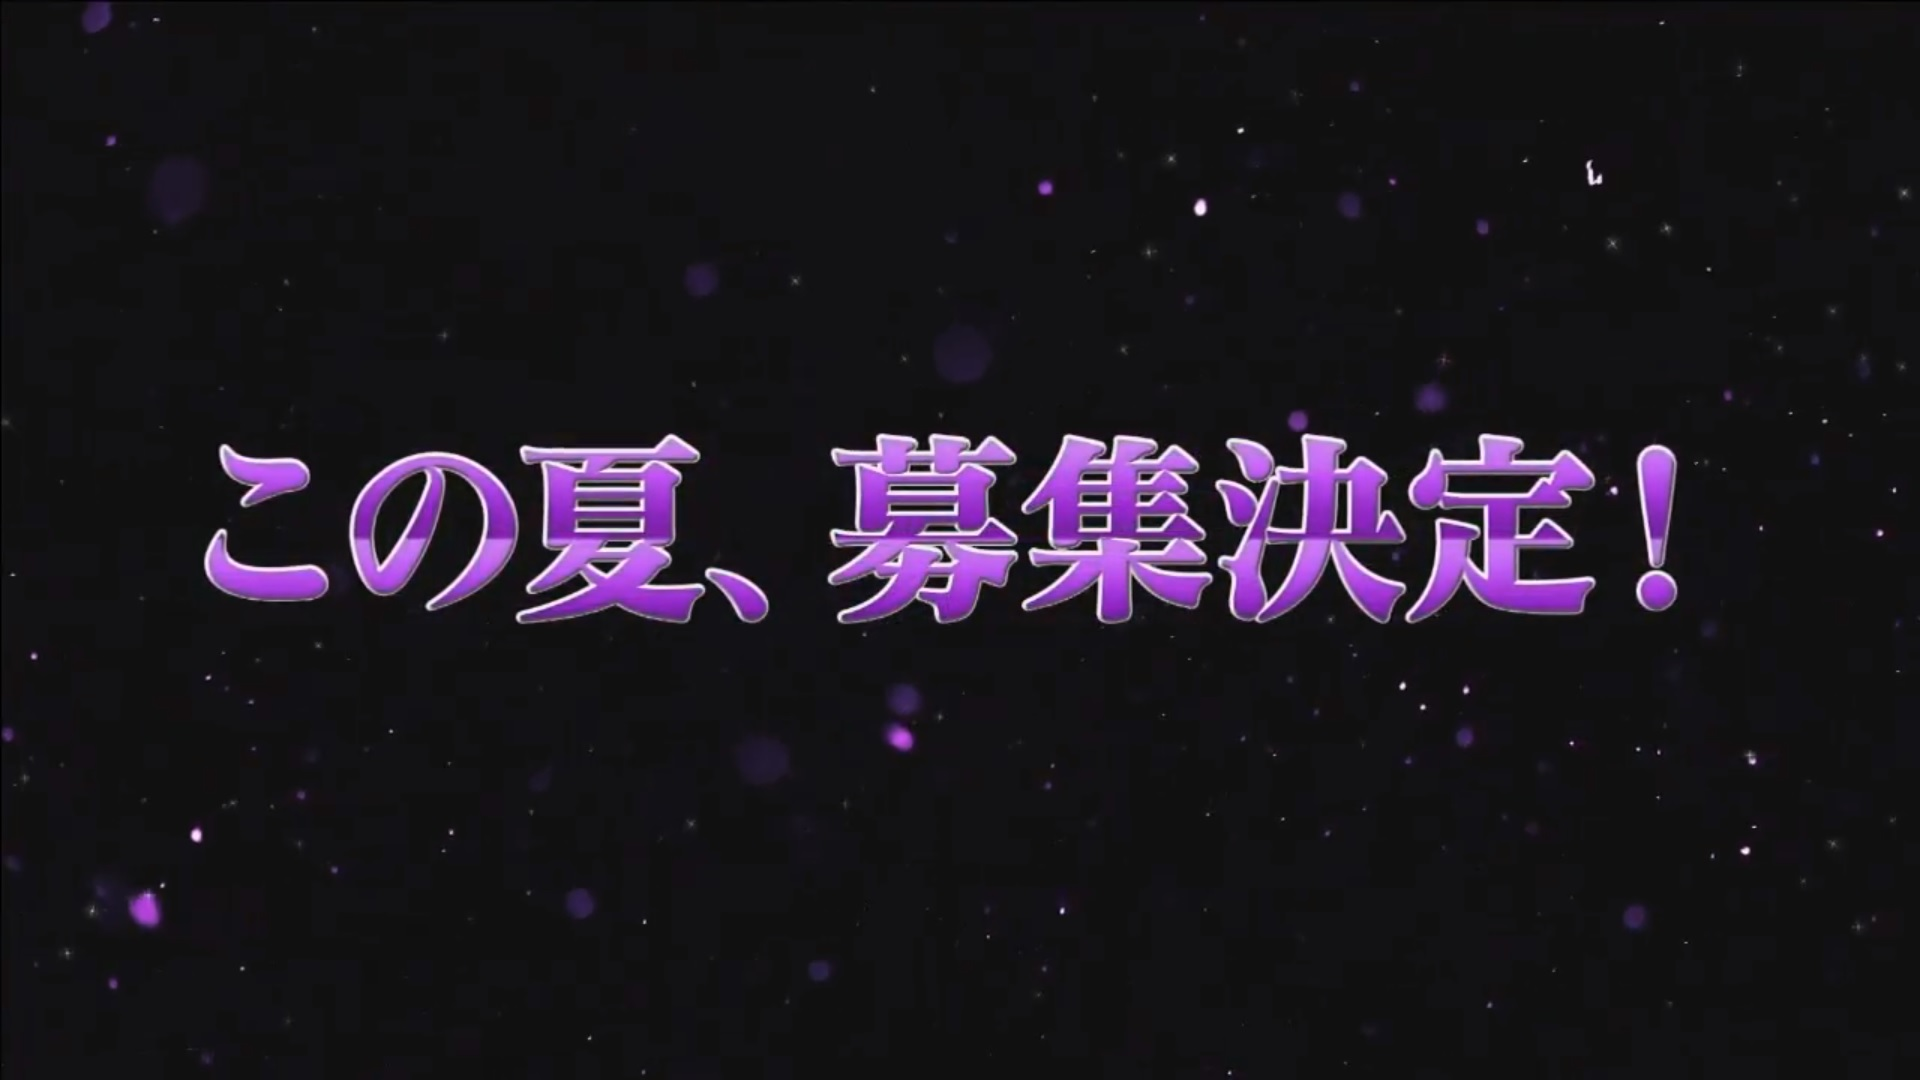 佐倉あゆ 無料エロ動画見放題|人気 【佐倉あゆ】着乳エロス -